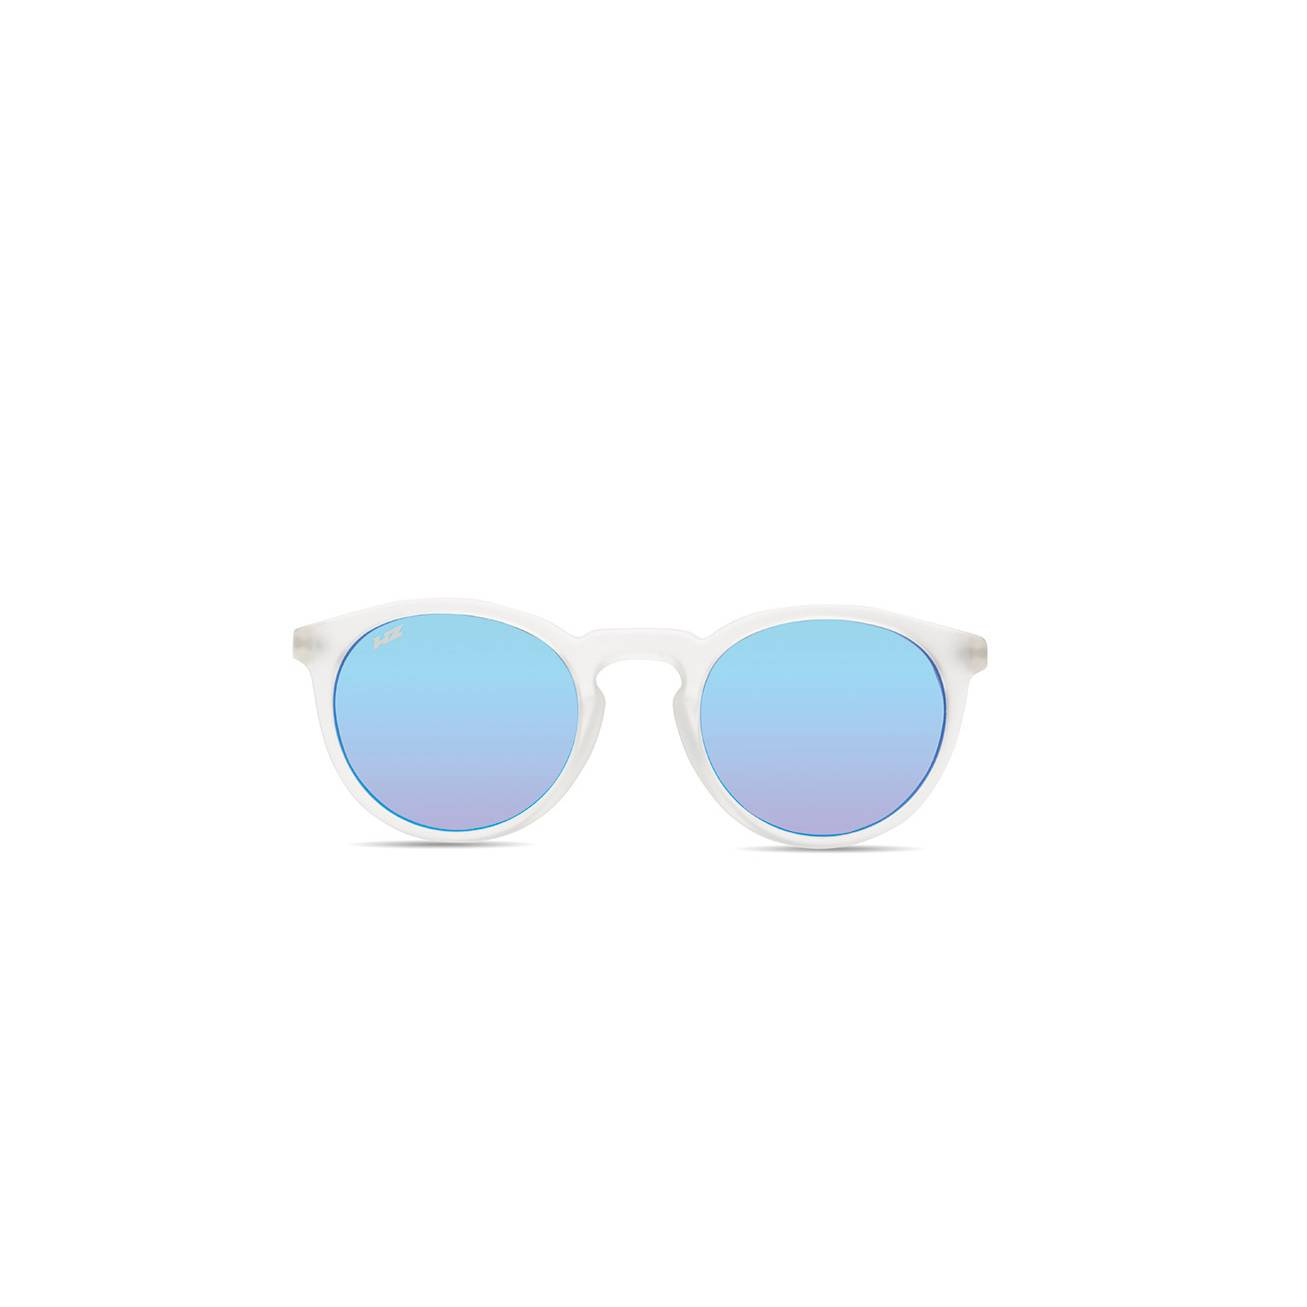 HZ Round SE-600701-HZ occhiali sportivi con lenti di colore blu specchiato